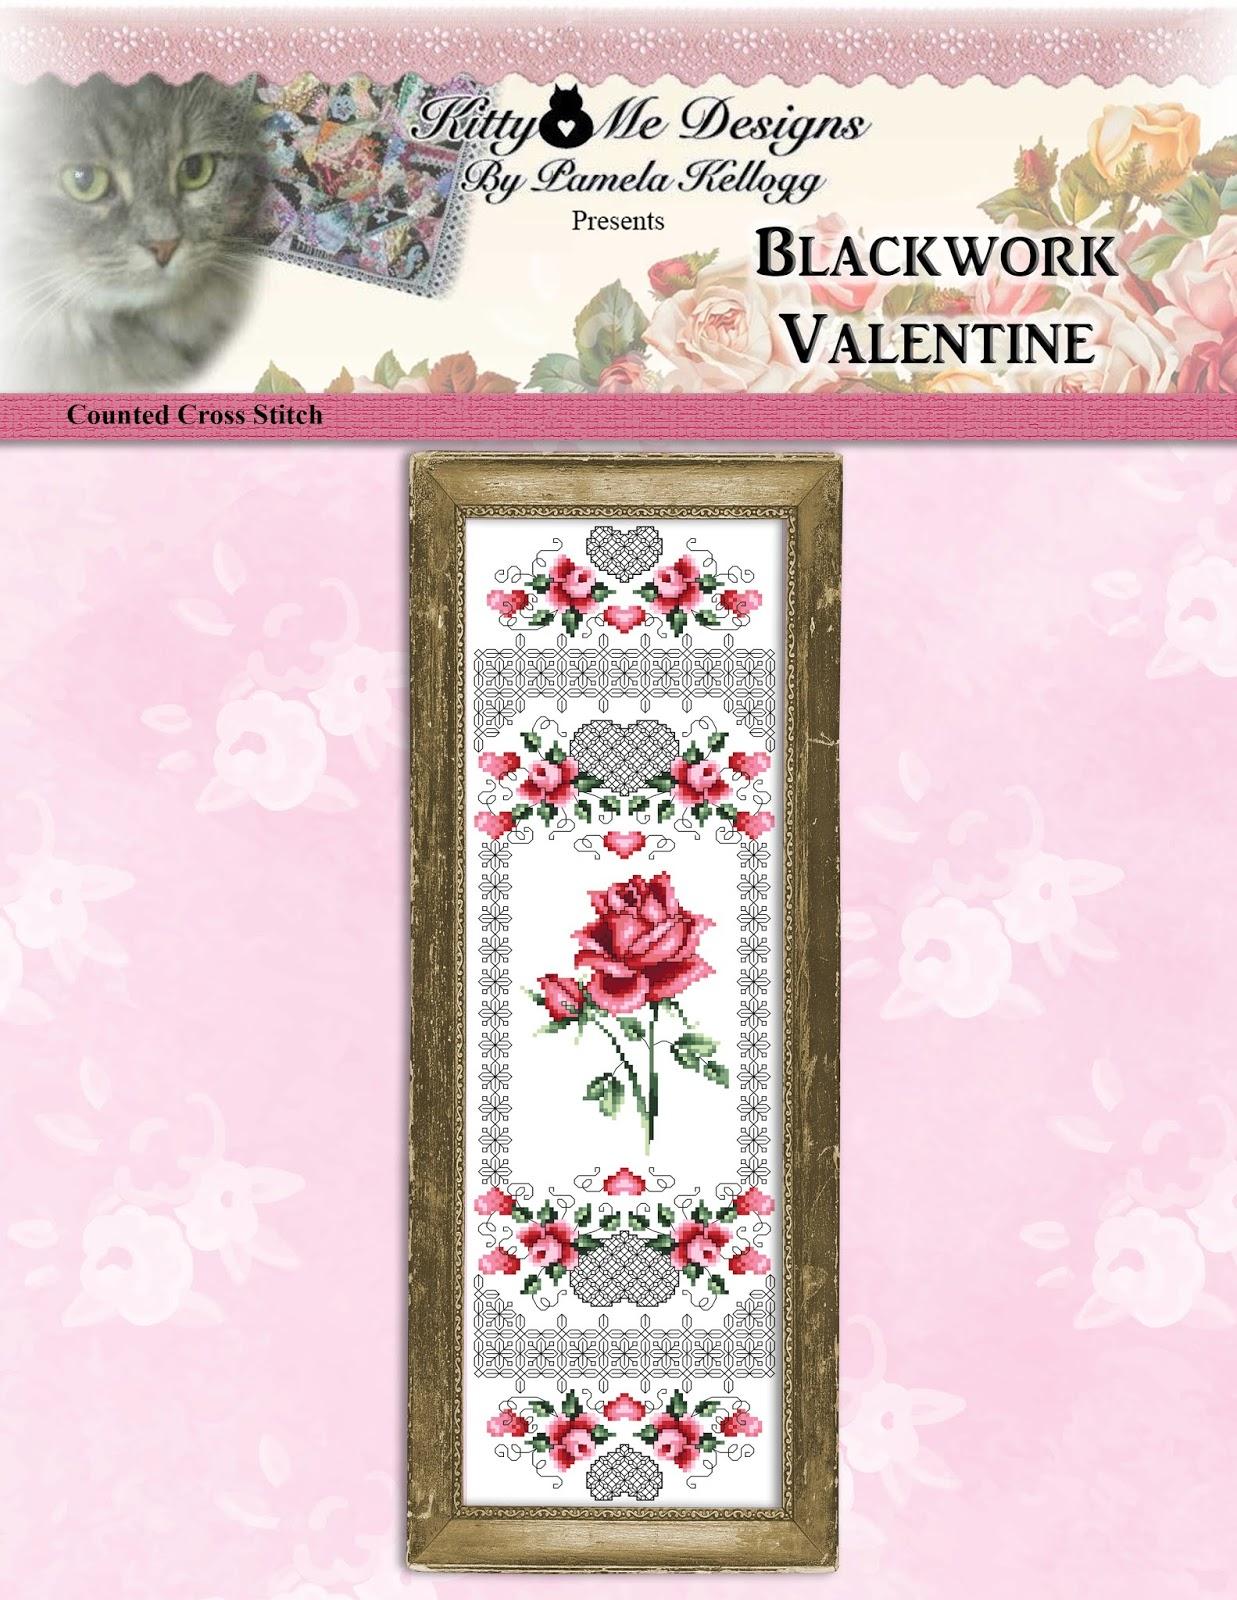 Blackwork Fruit Pears Cross Stitch Pattern Leaflet by Pamela Kellogg